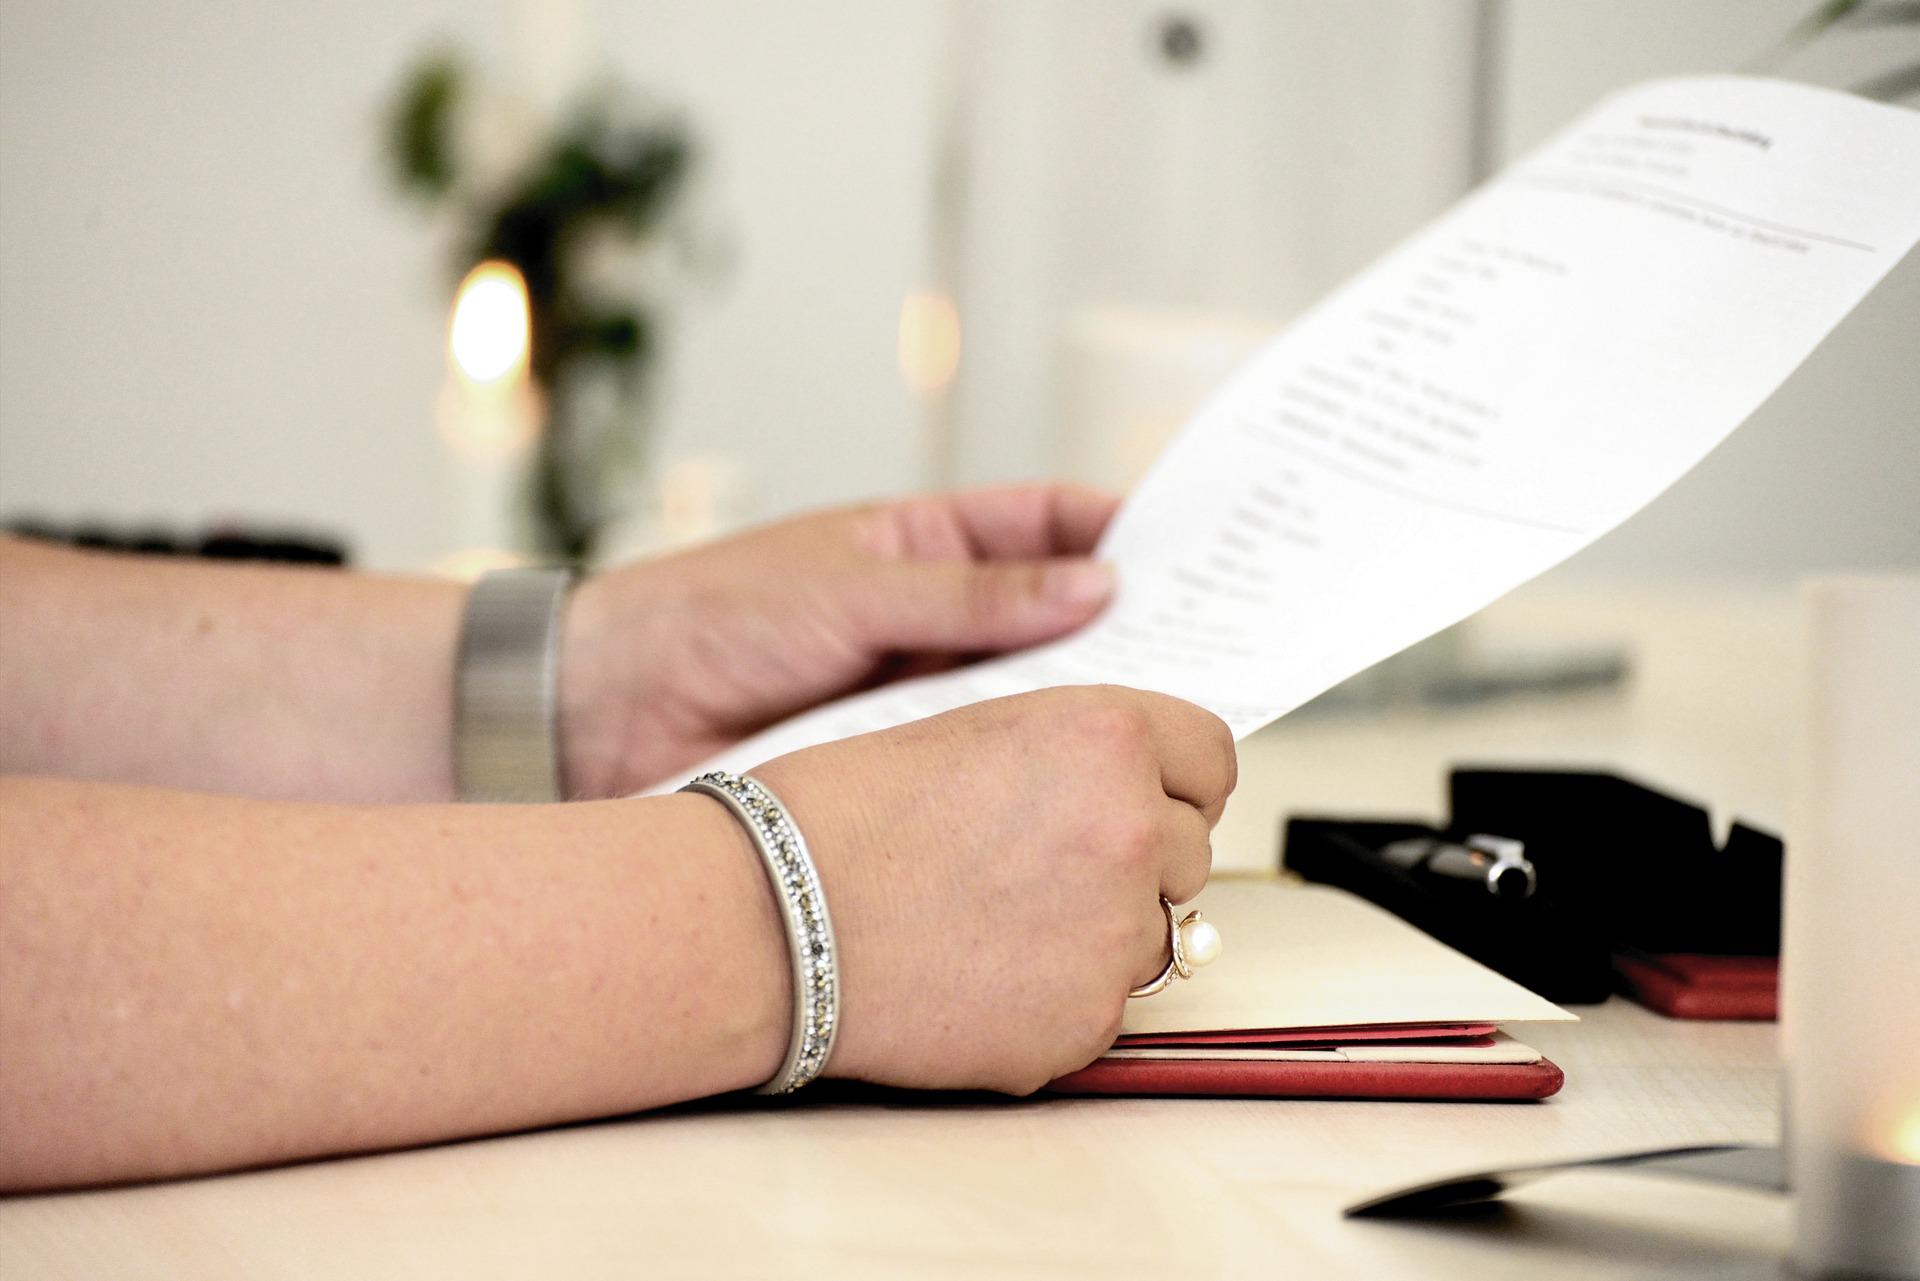 Vládní návrh zákona o občanských průkazech v Poslanecké sněmovně